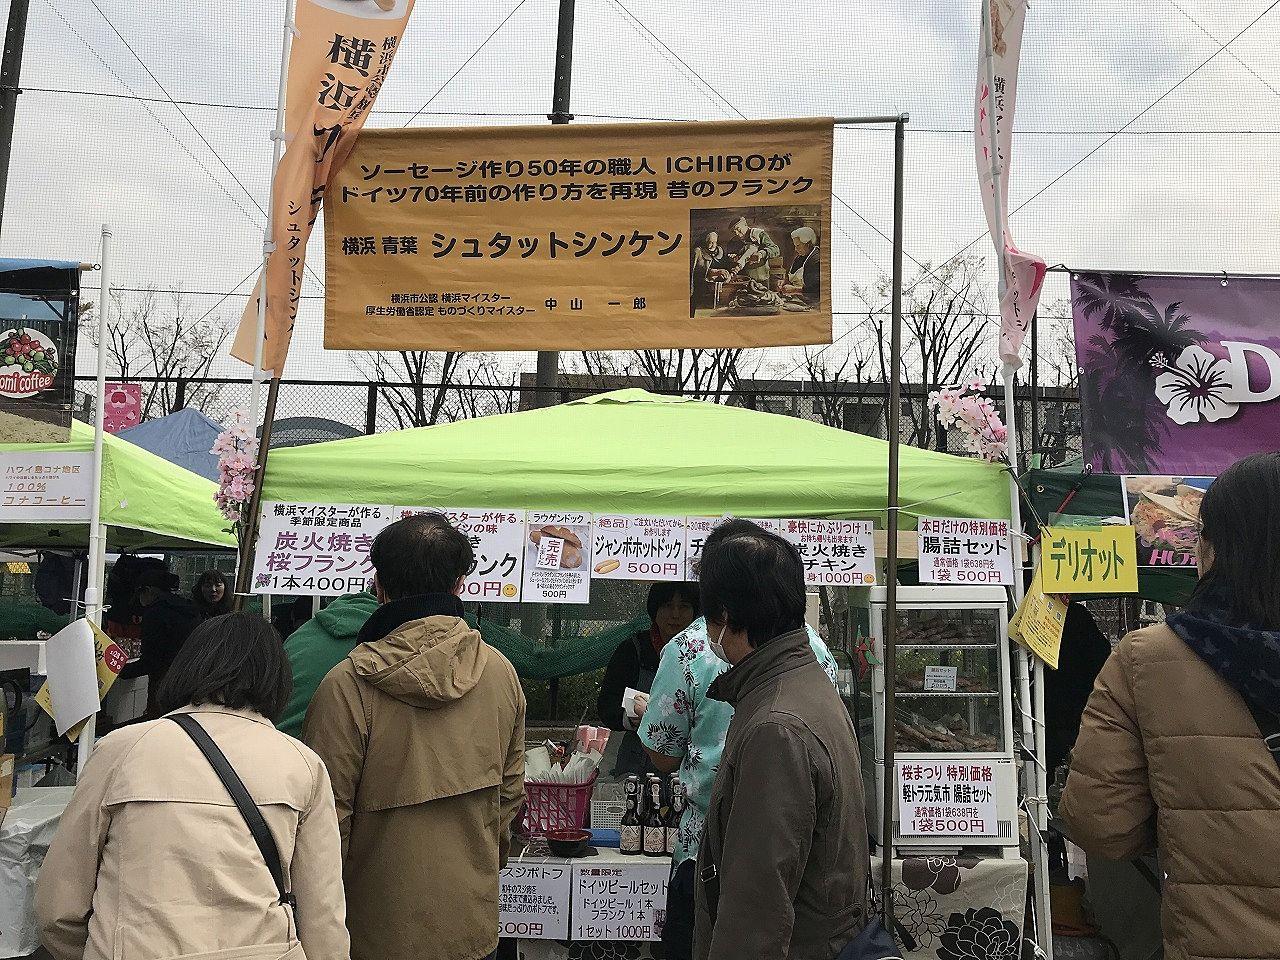 2019年たまプラーザ桜まつり(たまプラーザ桜フェスティバル)に出店のシュタットシンケン